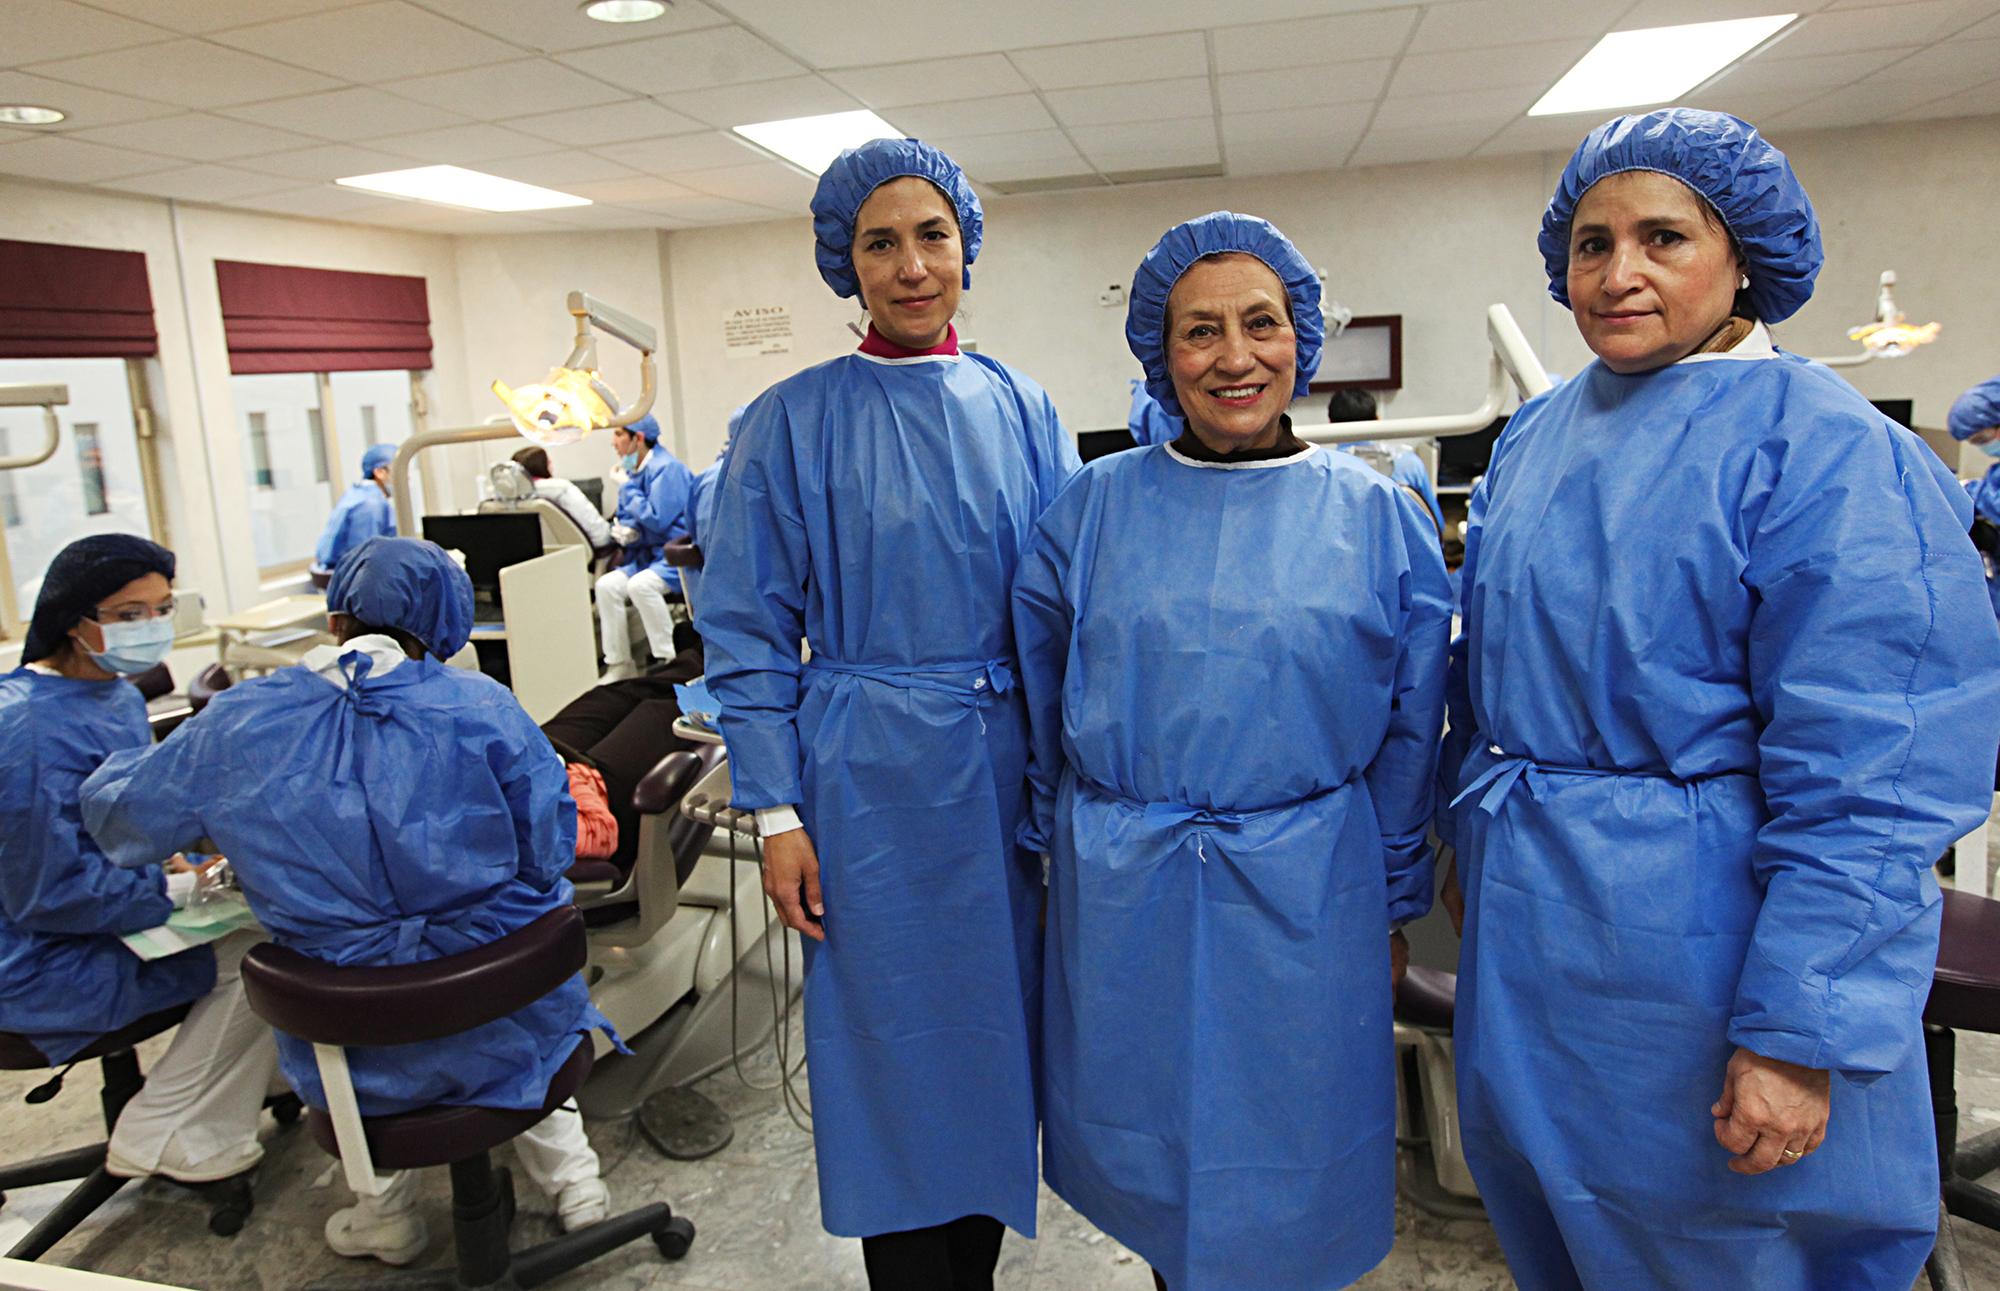 facultad de odontologia en monterrey: